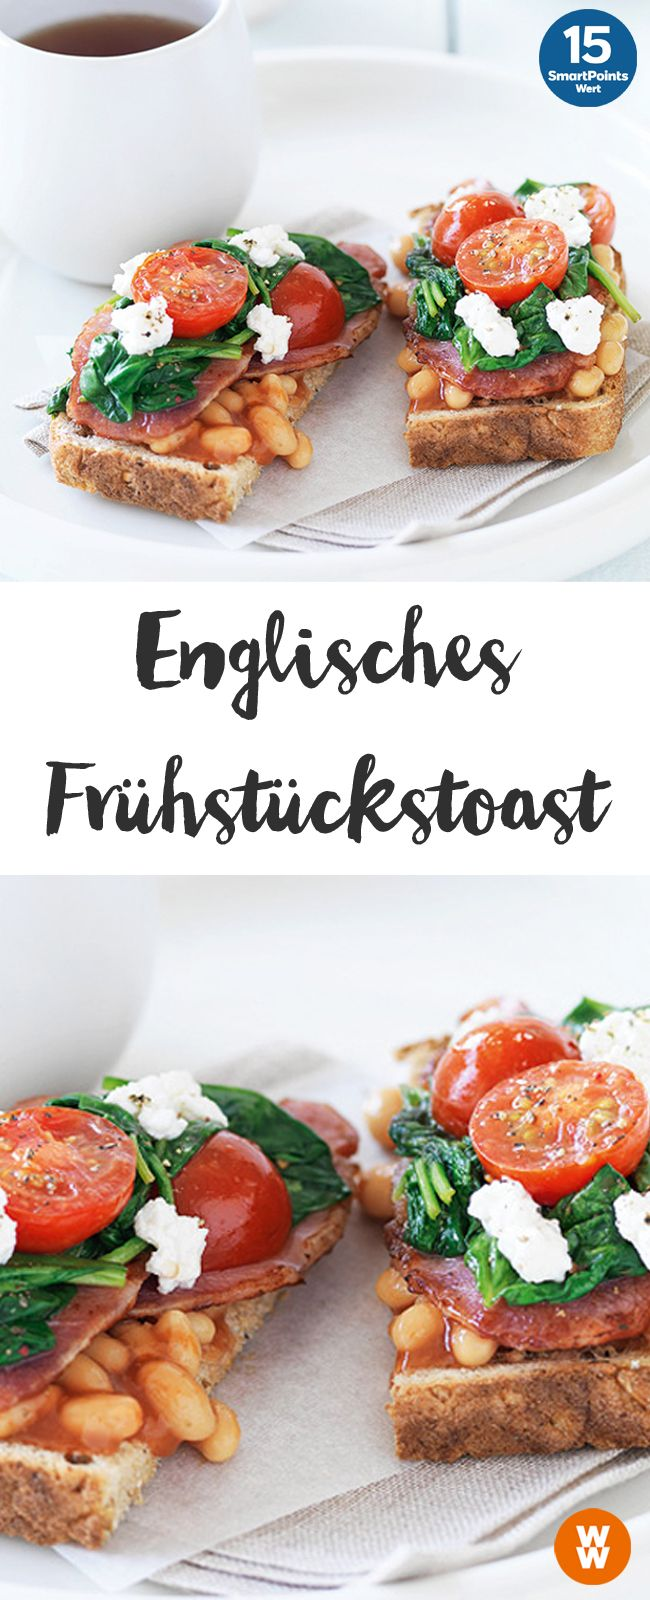 Englisches Frühstückstoast | 4 Portionen, 15 SmartPoints/Portion, Weight Watchers, Frühstück, fertig in 10 min.